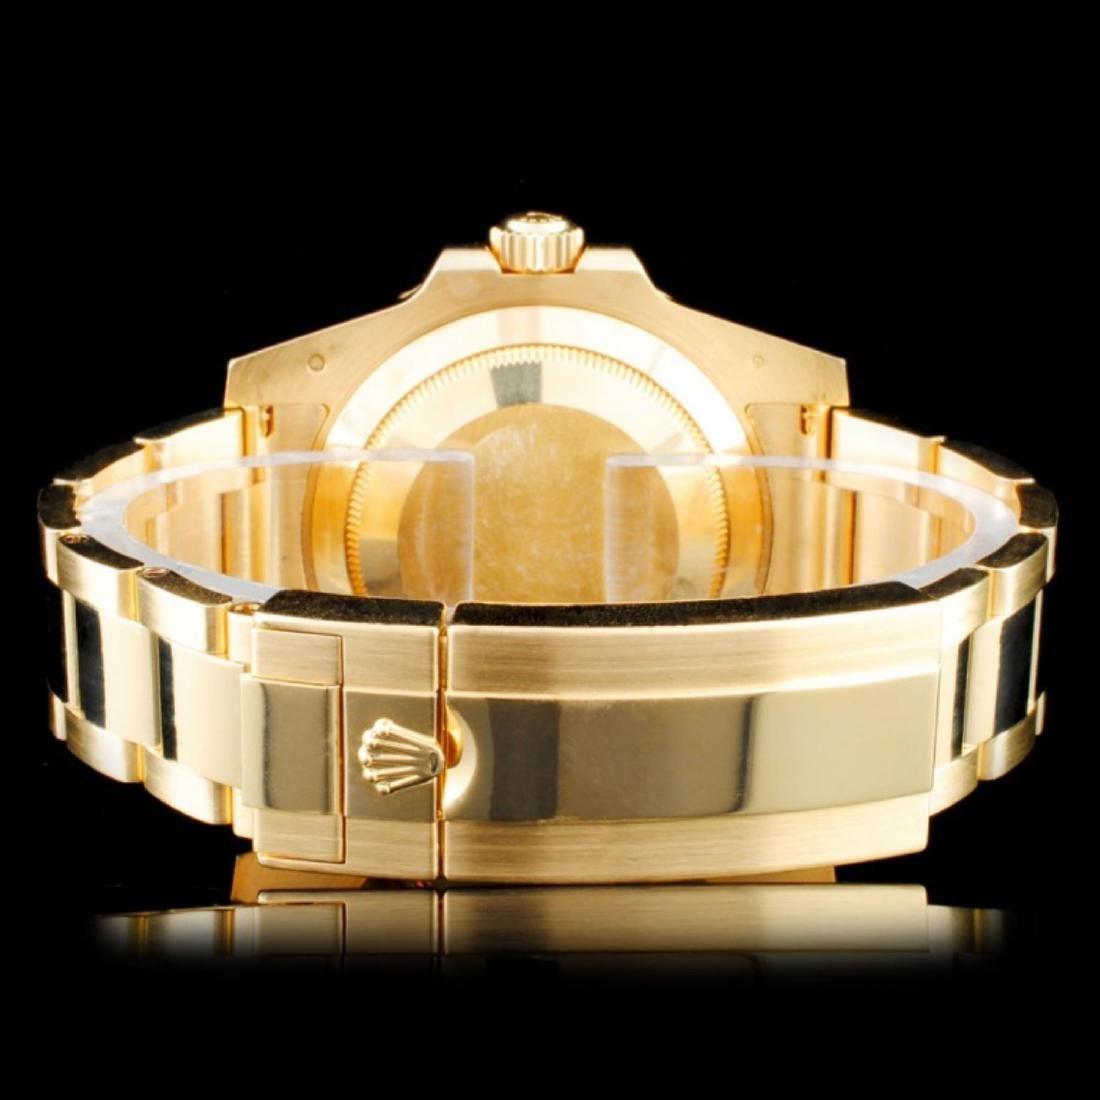 Rolex 18K YG Submariner Men's Watch - 3